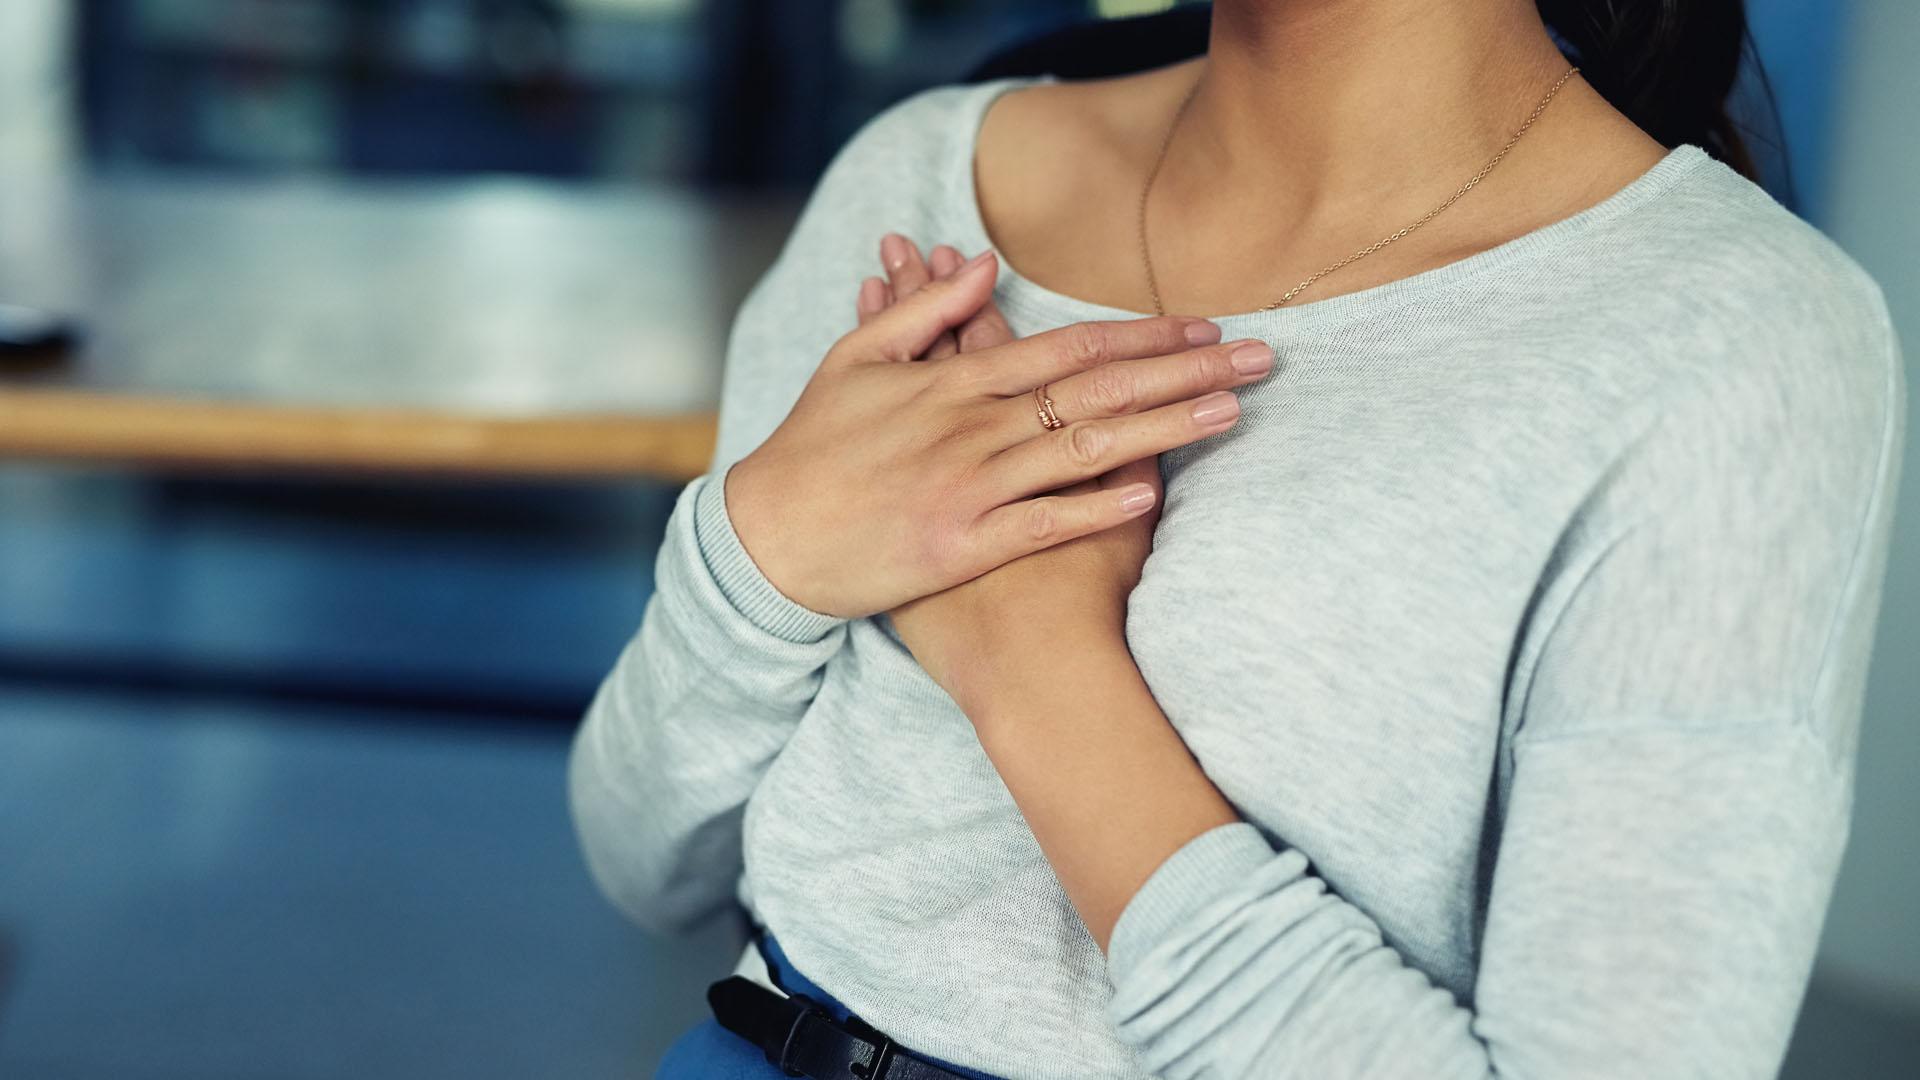 دلیل درد قفسه سینه در دوران بارداری